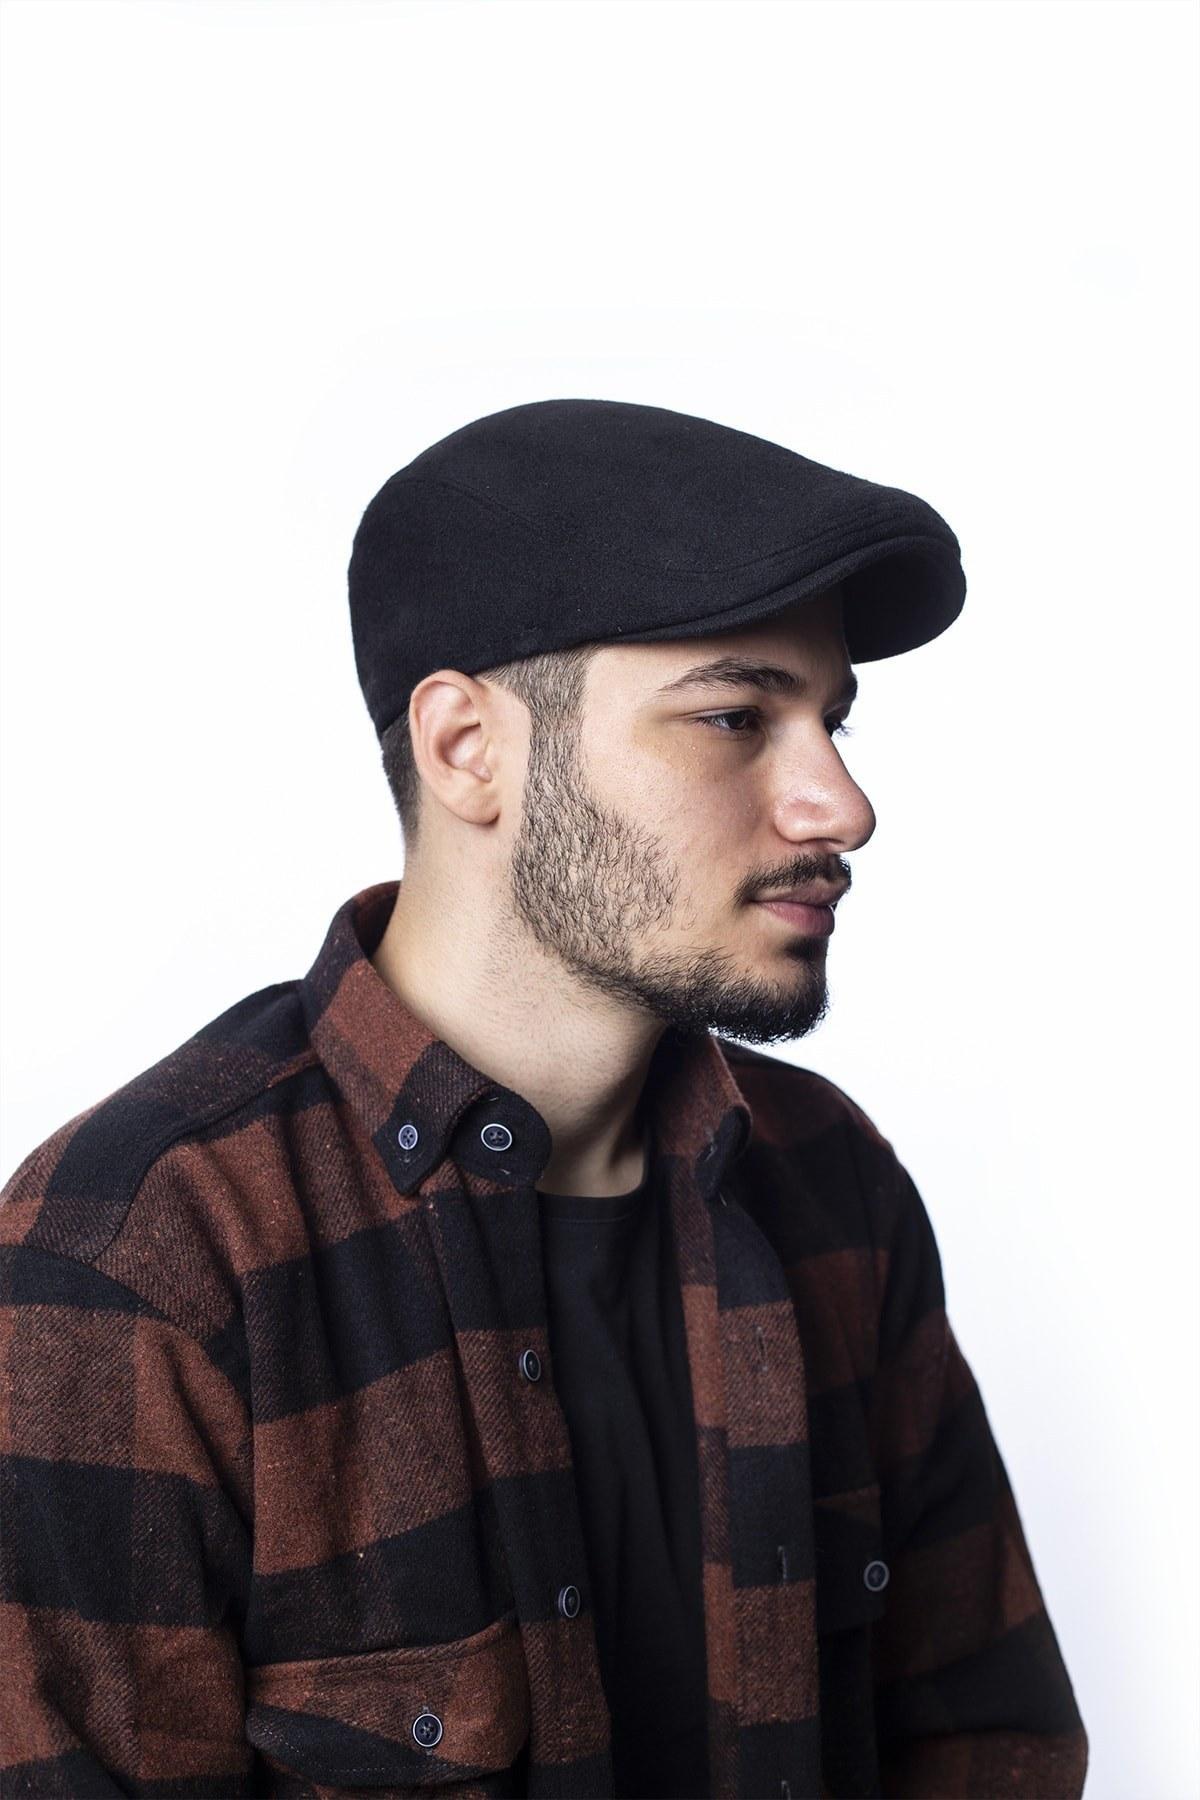 کلاه مردانه کشی برند ÜN ŞAPKA کد 1605992702